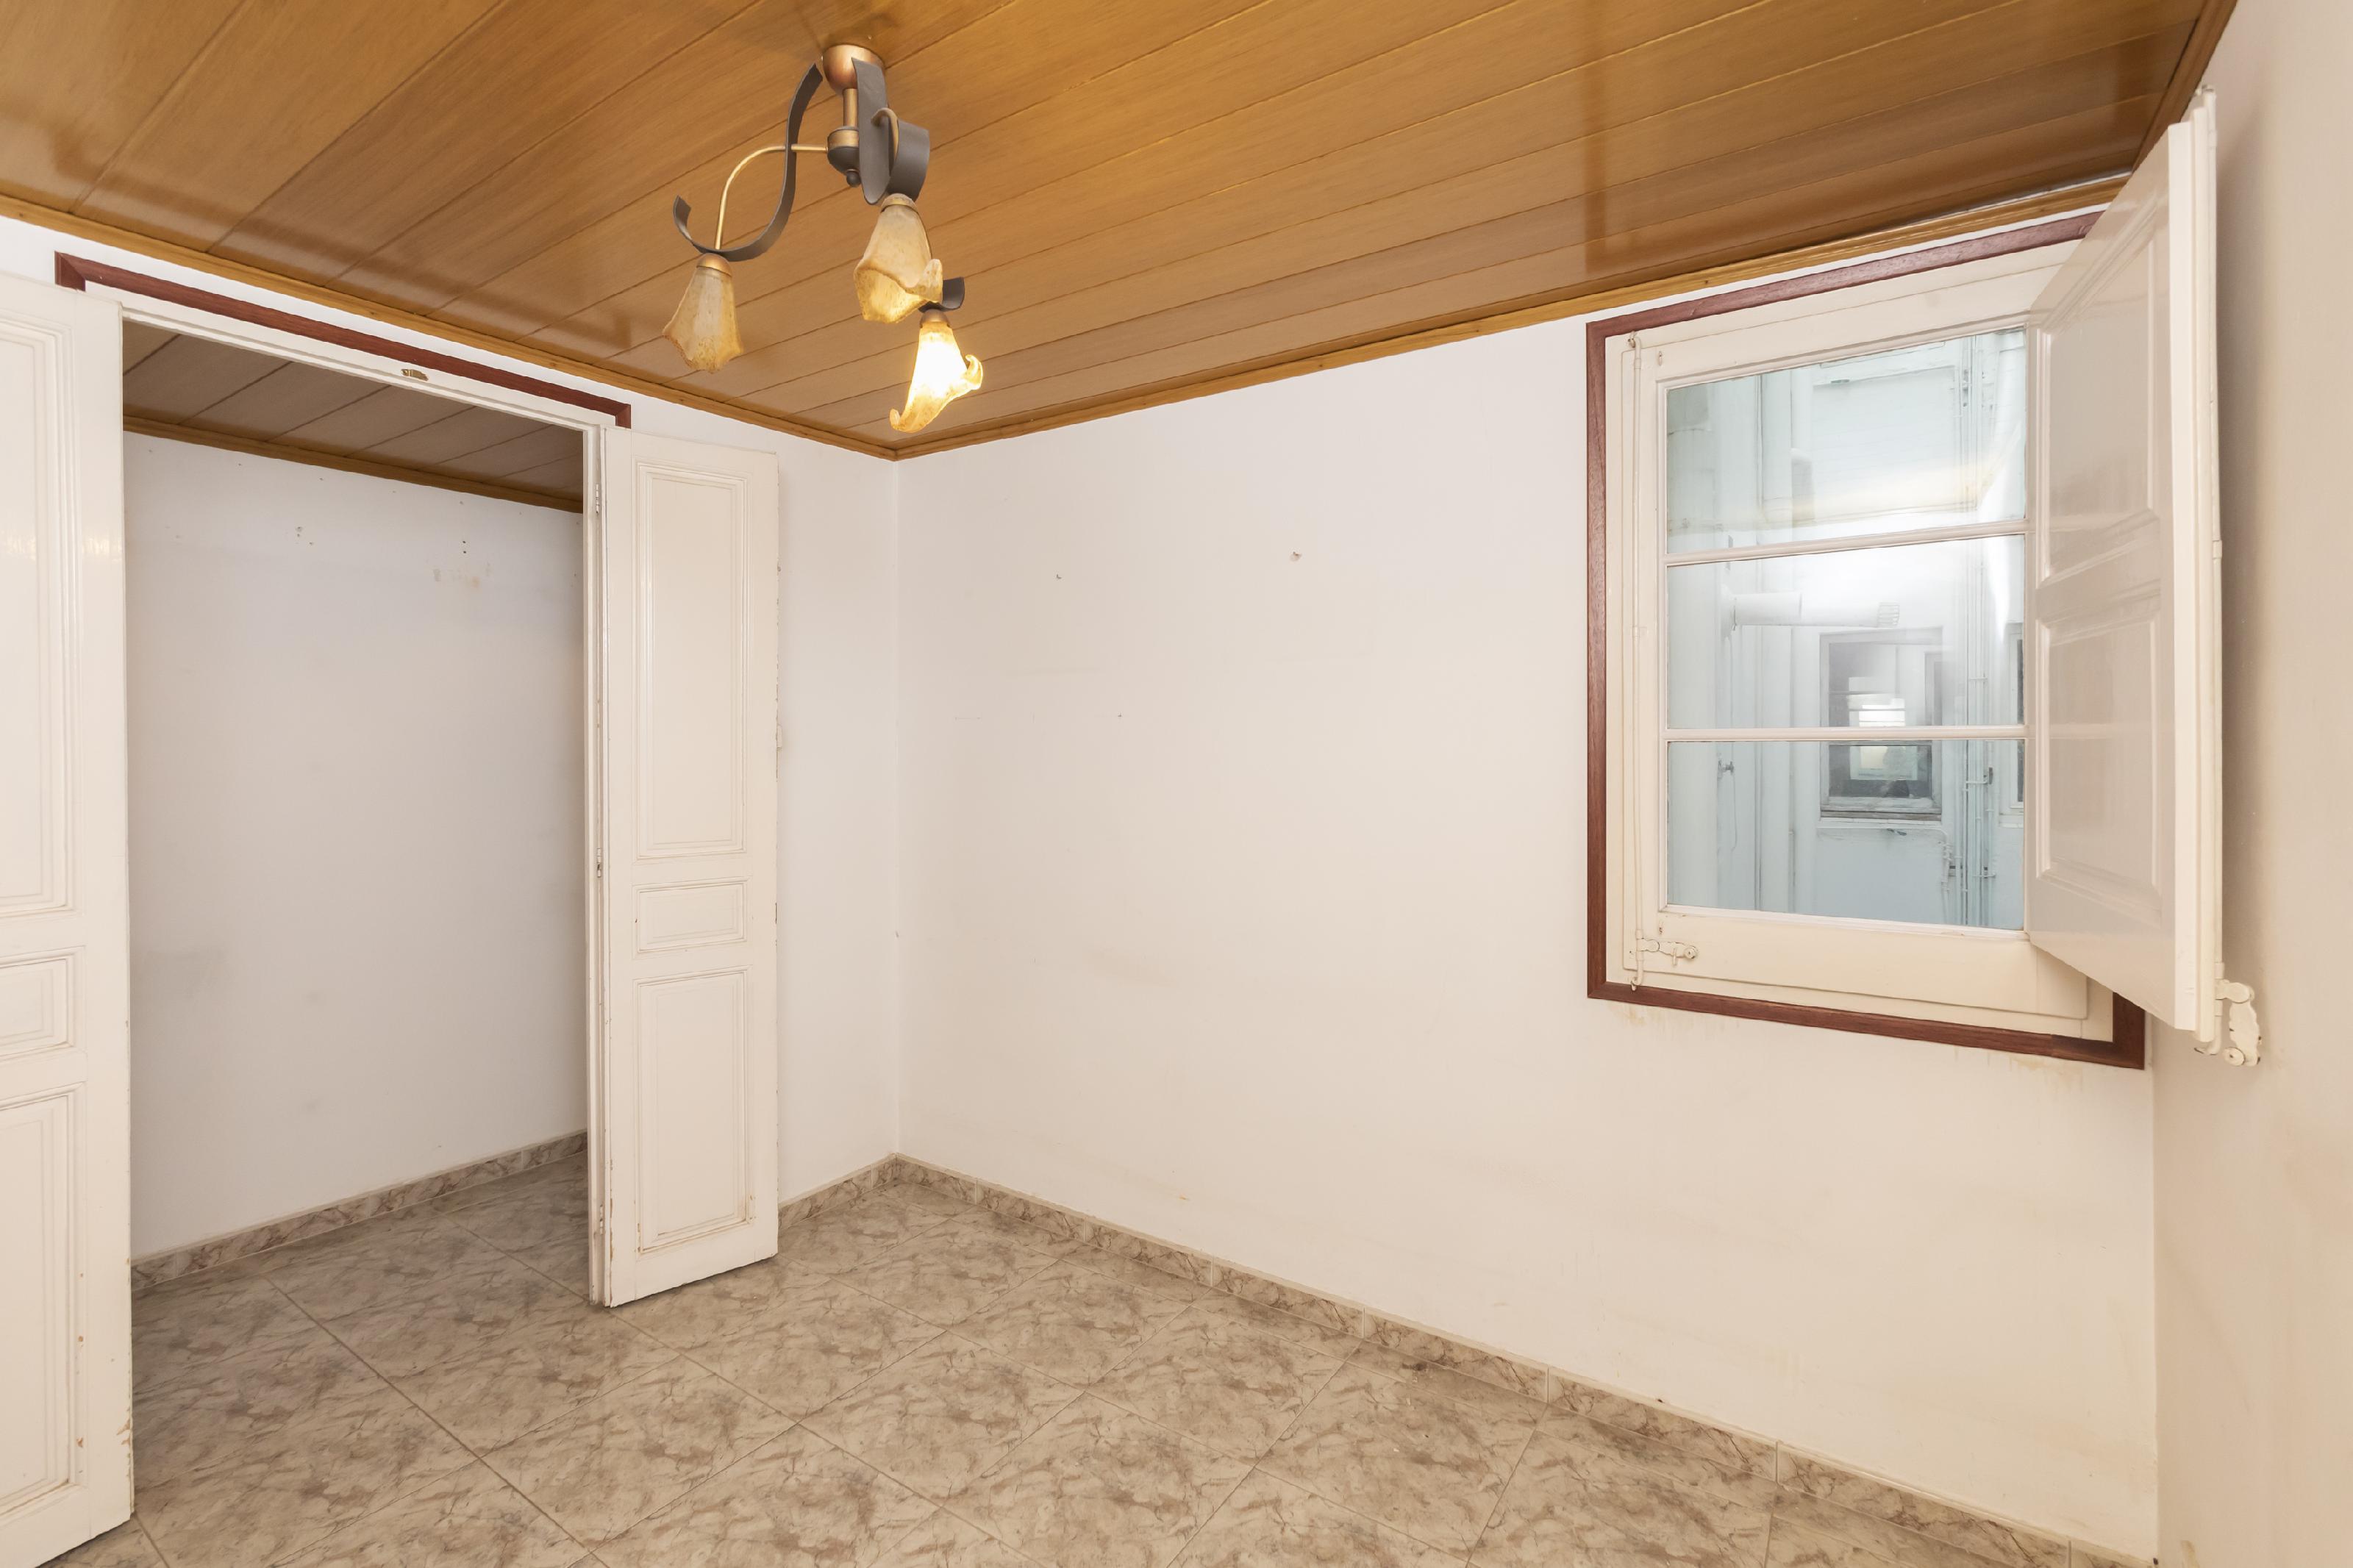 249361 Flat for sale in Eixample, Antiga Esquerre Eixample 26